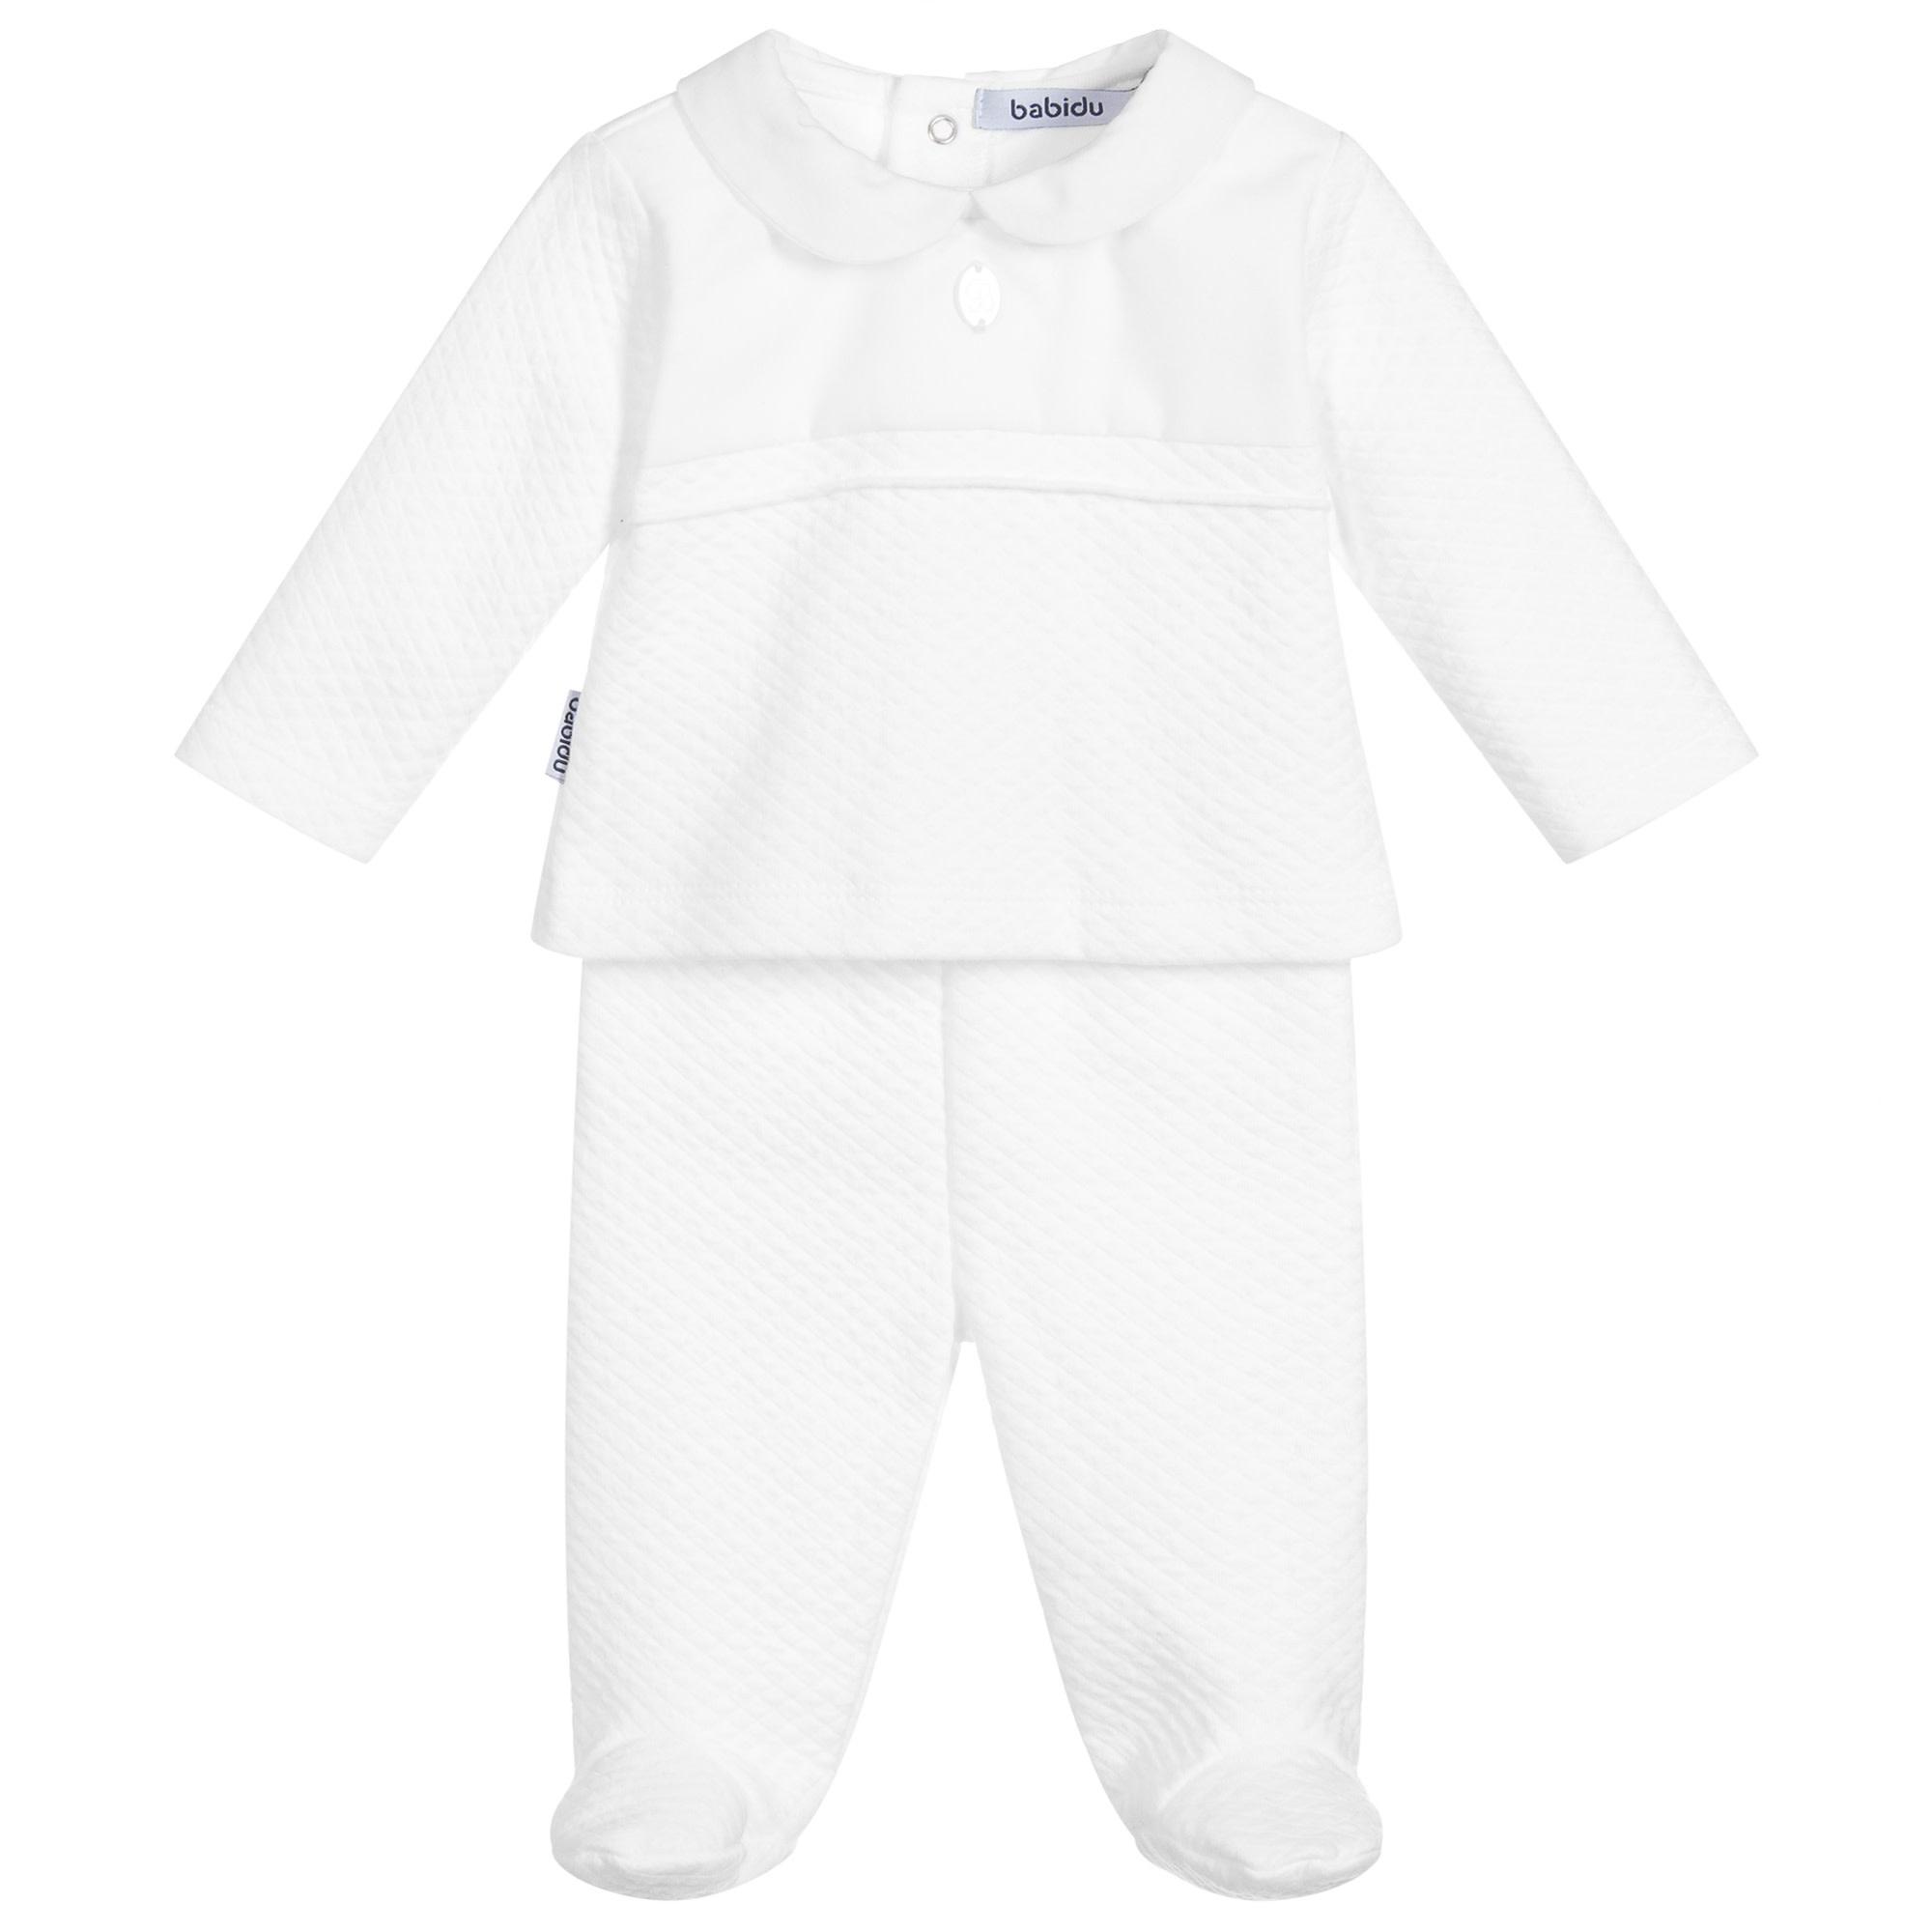 Babidu Babidu White Cotton 2 Piece Babygrow